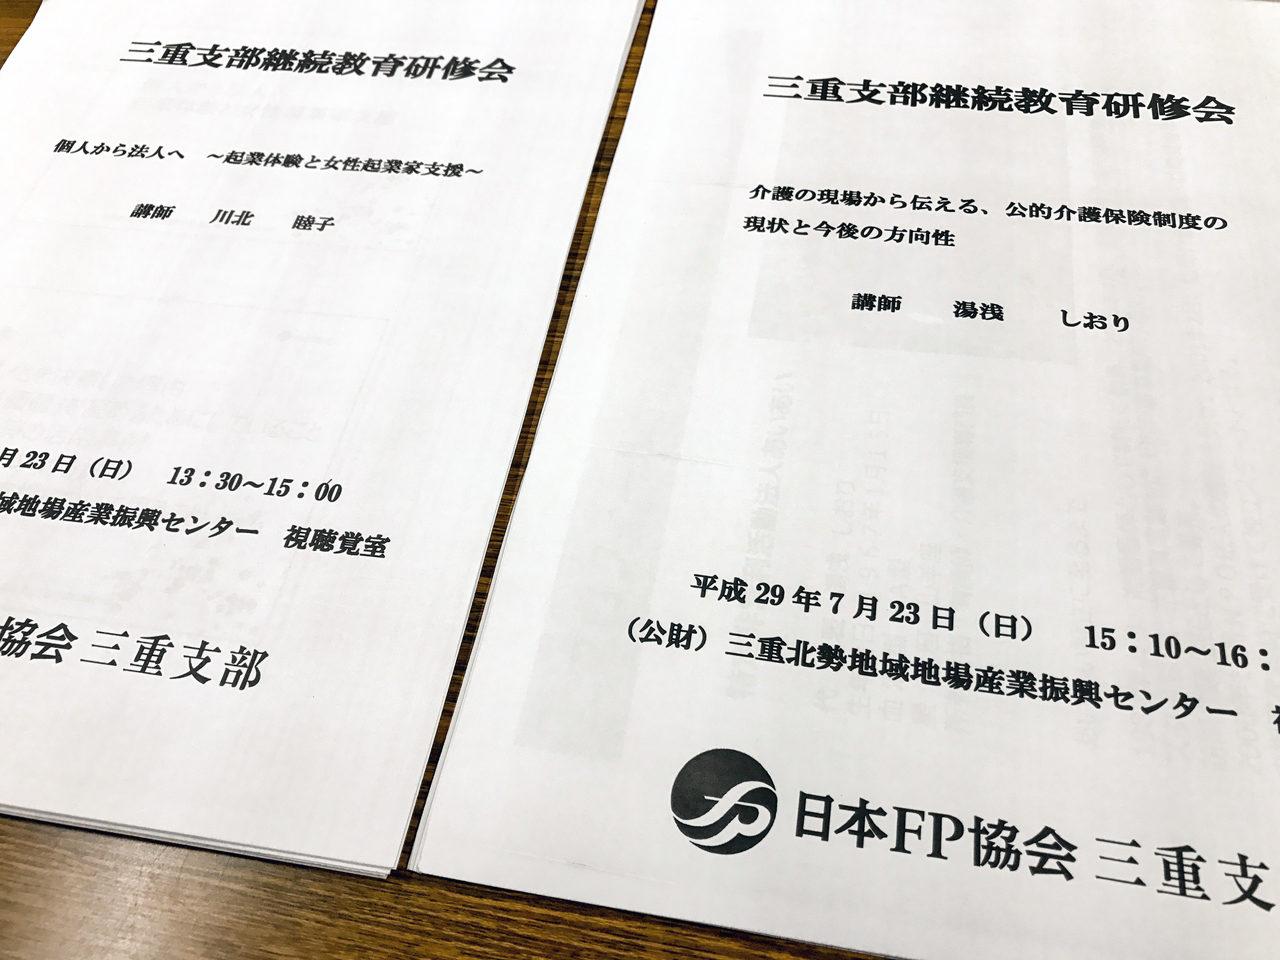 ファイナンシャルプランナー協会三重支部継続教育研修会ヘ